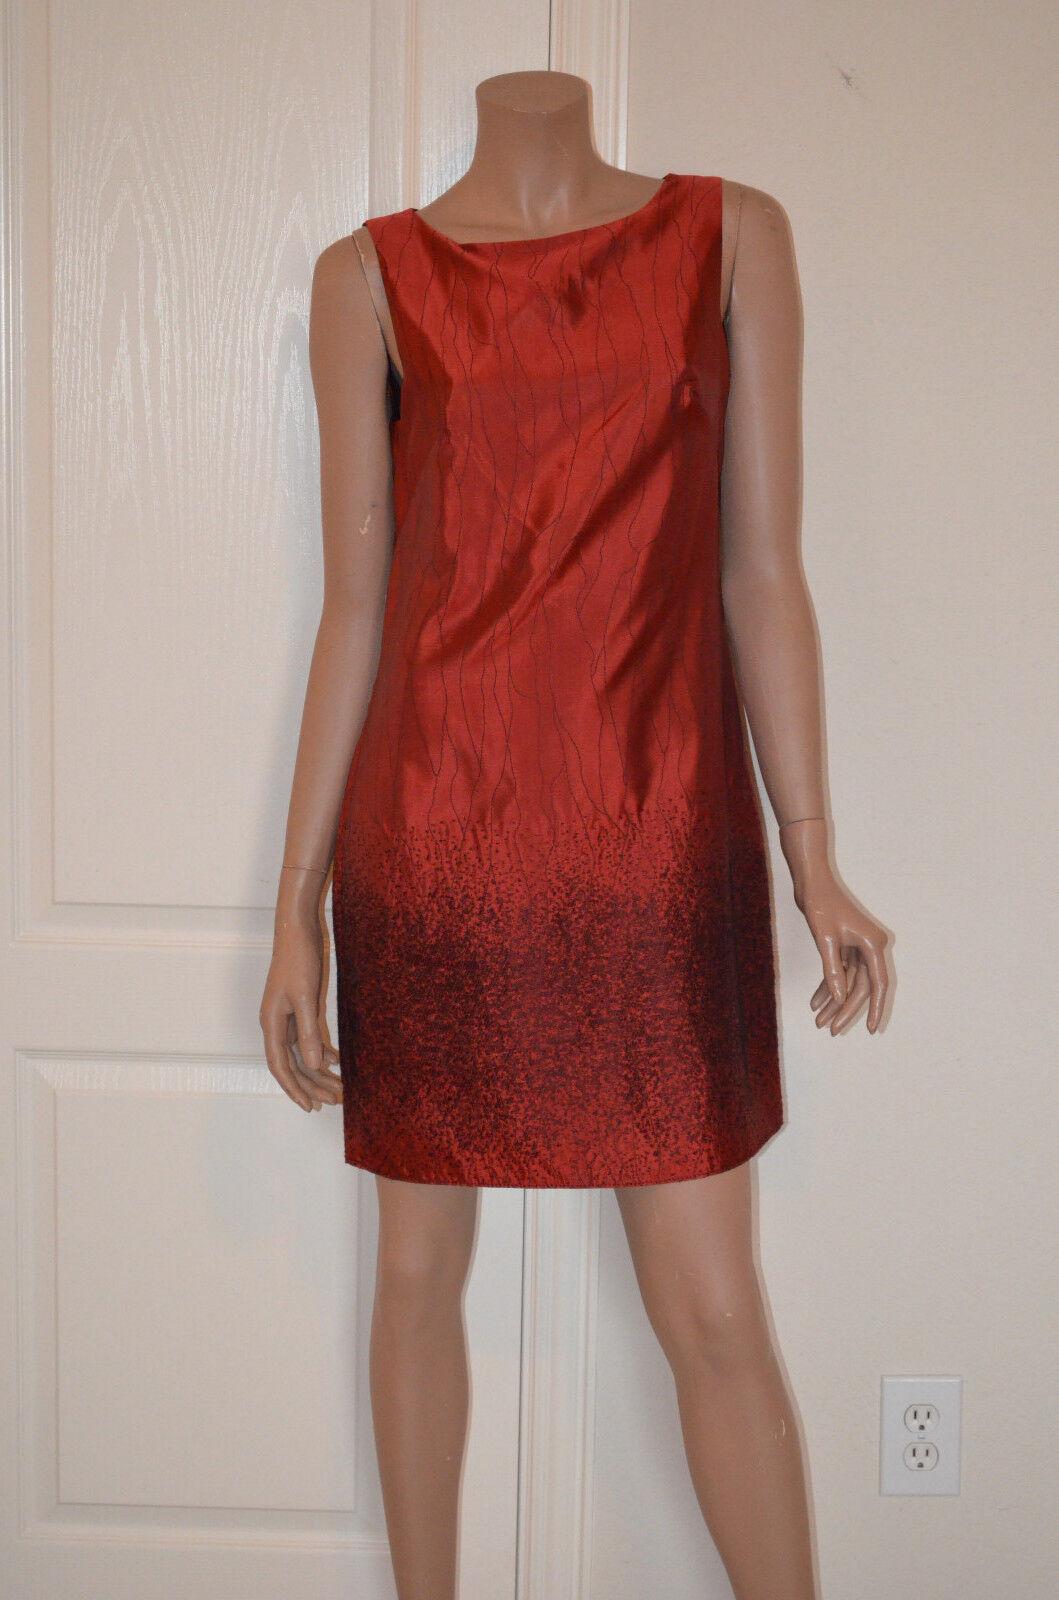 Mssp - S (4-6) Rosso rosaria Jacquard Vestito con Fodero - Retail